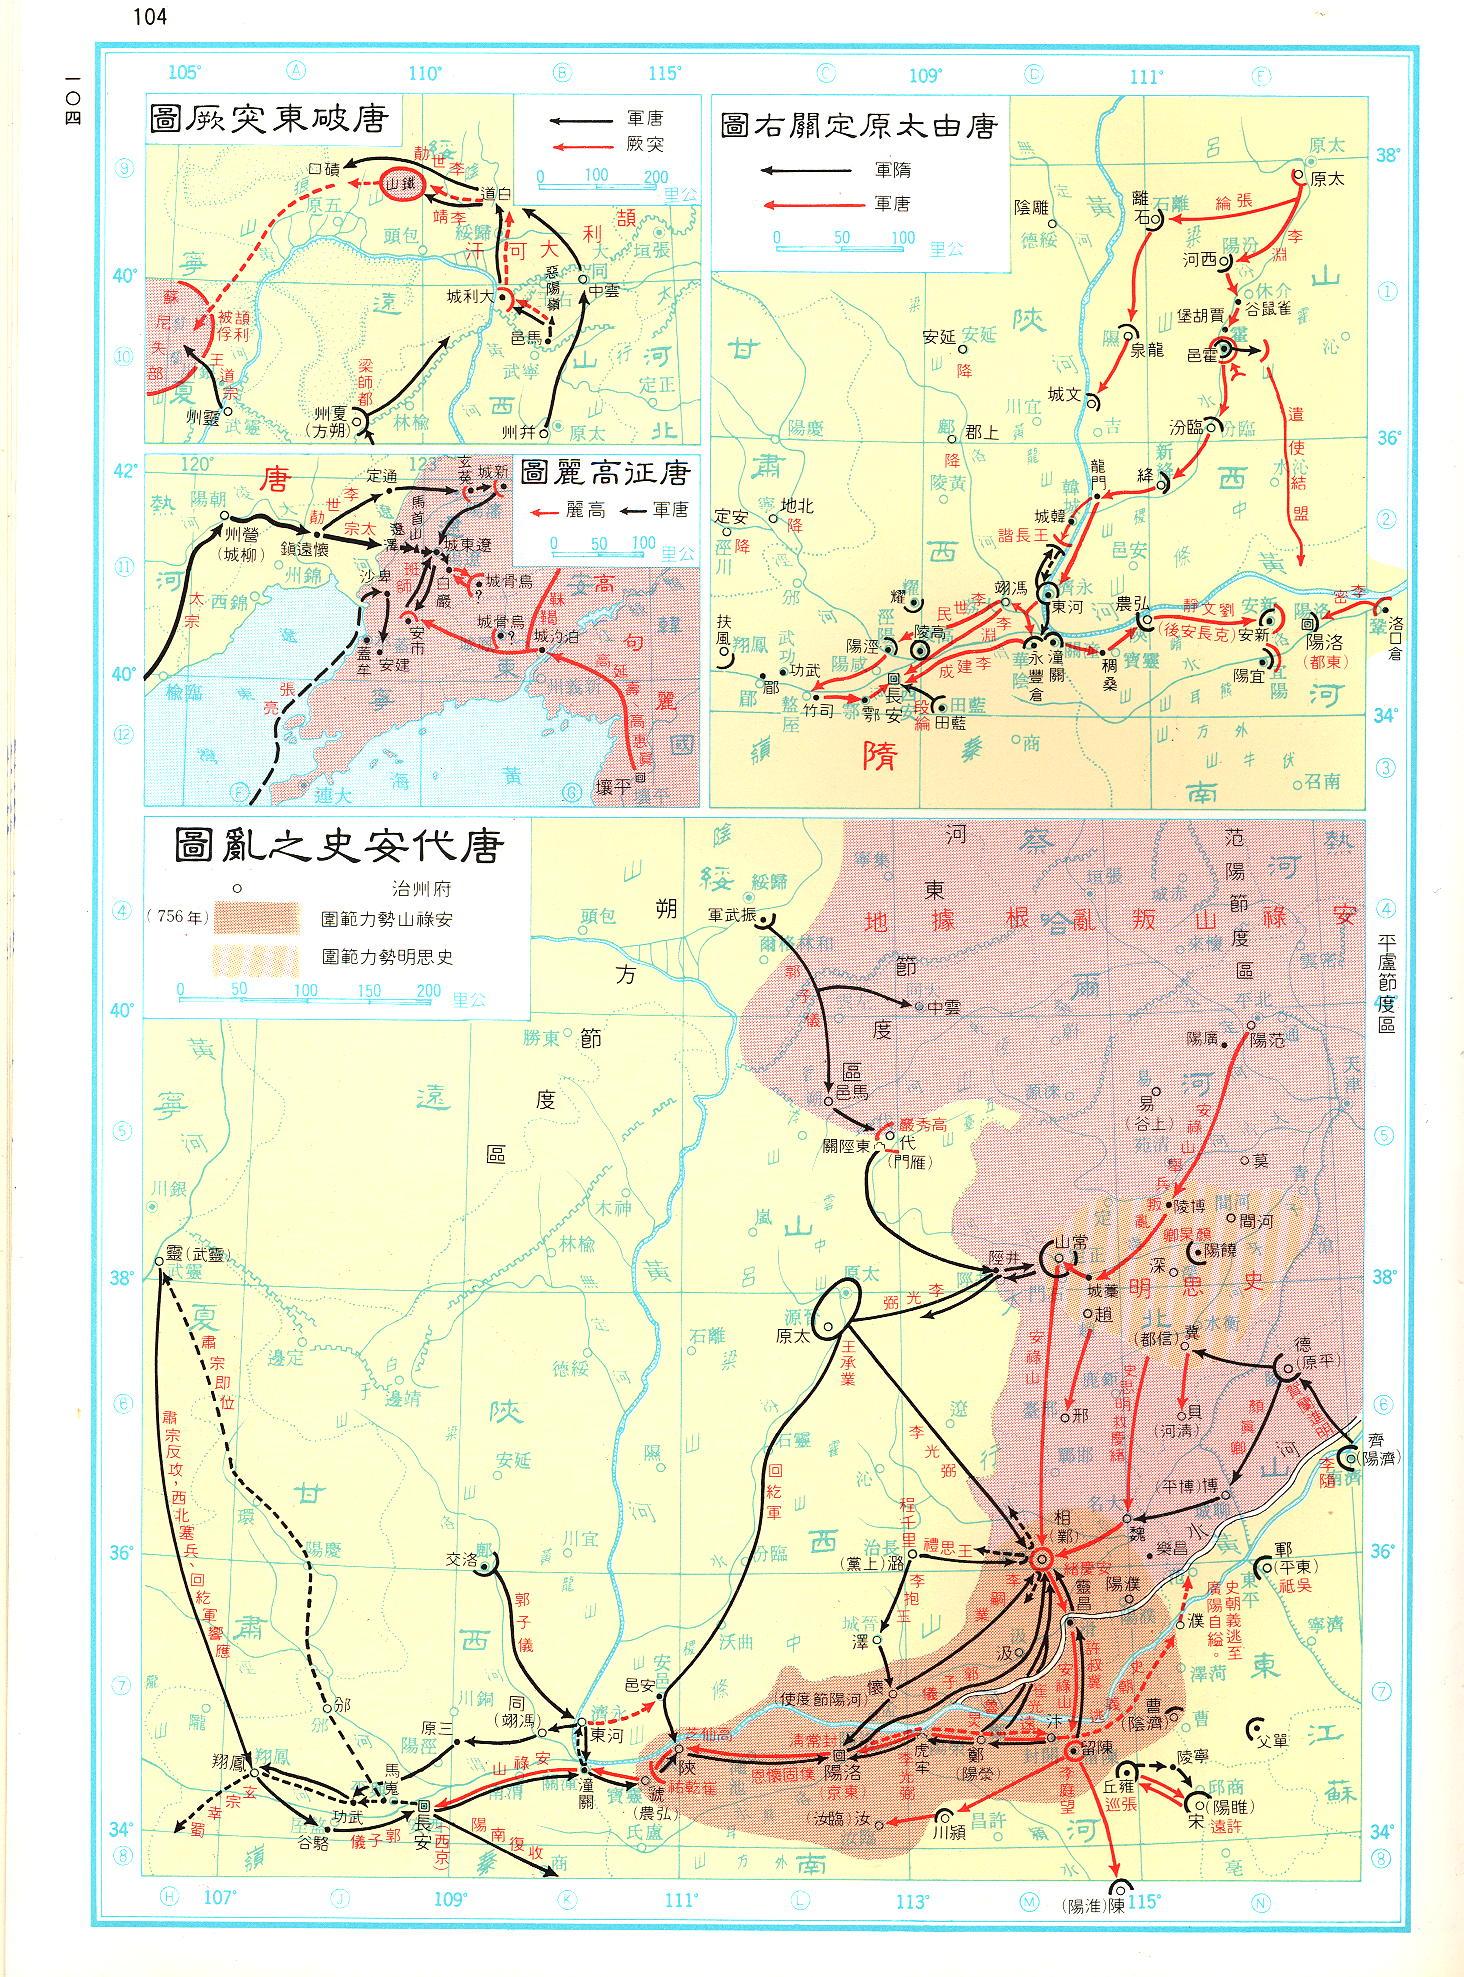 中国历史地图(续一)